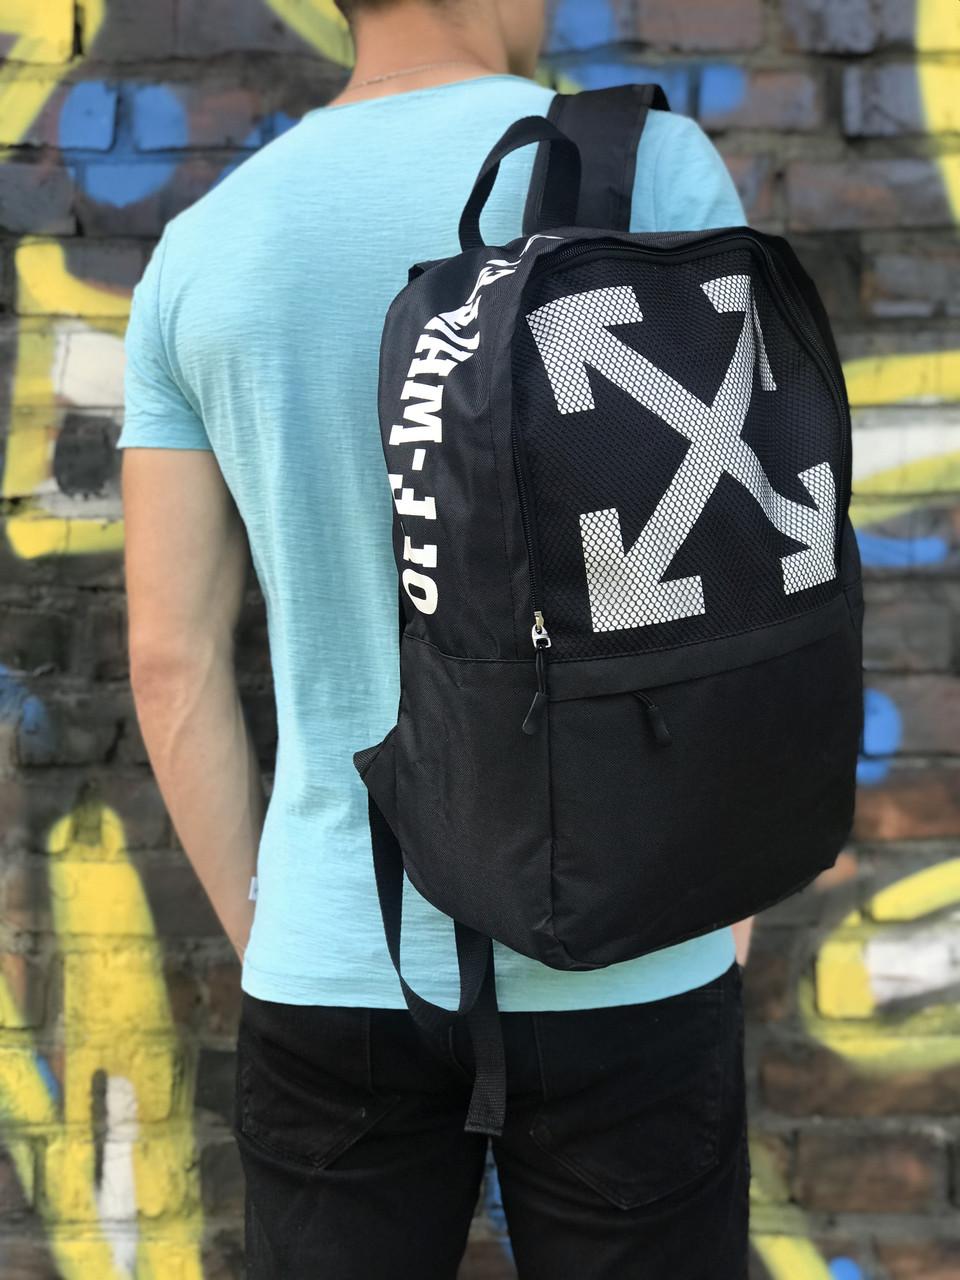 Спортивний рюкзак для школи та спорту Off-white, чорний